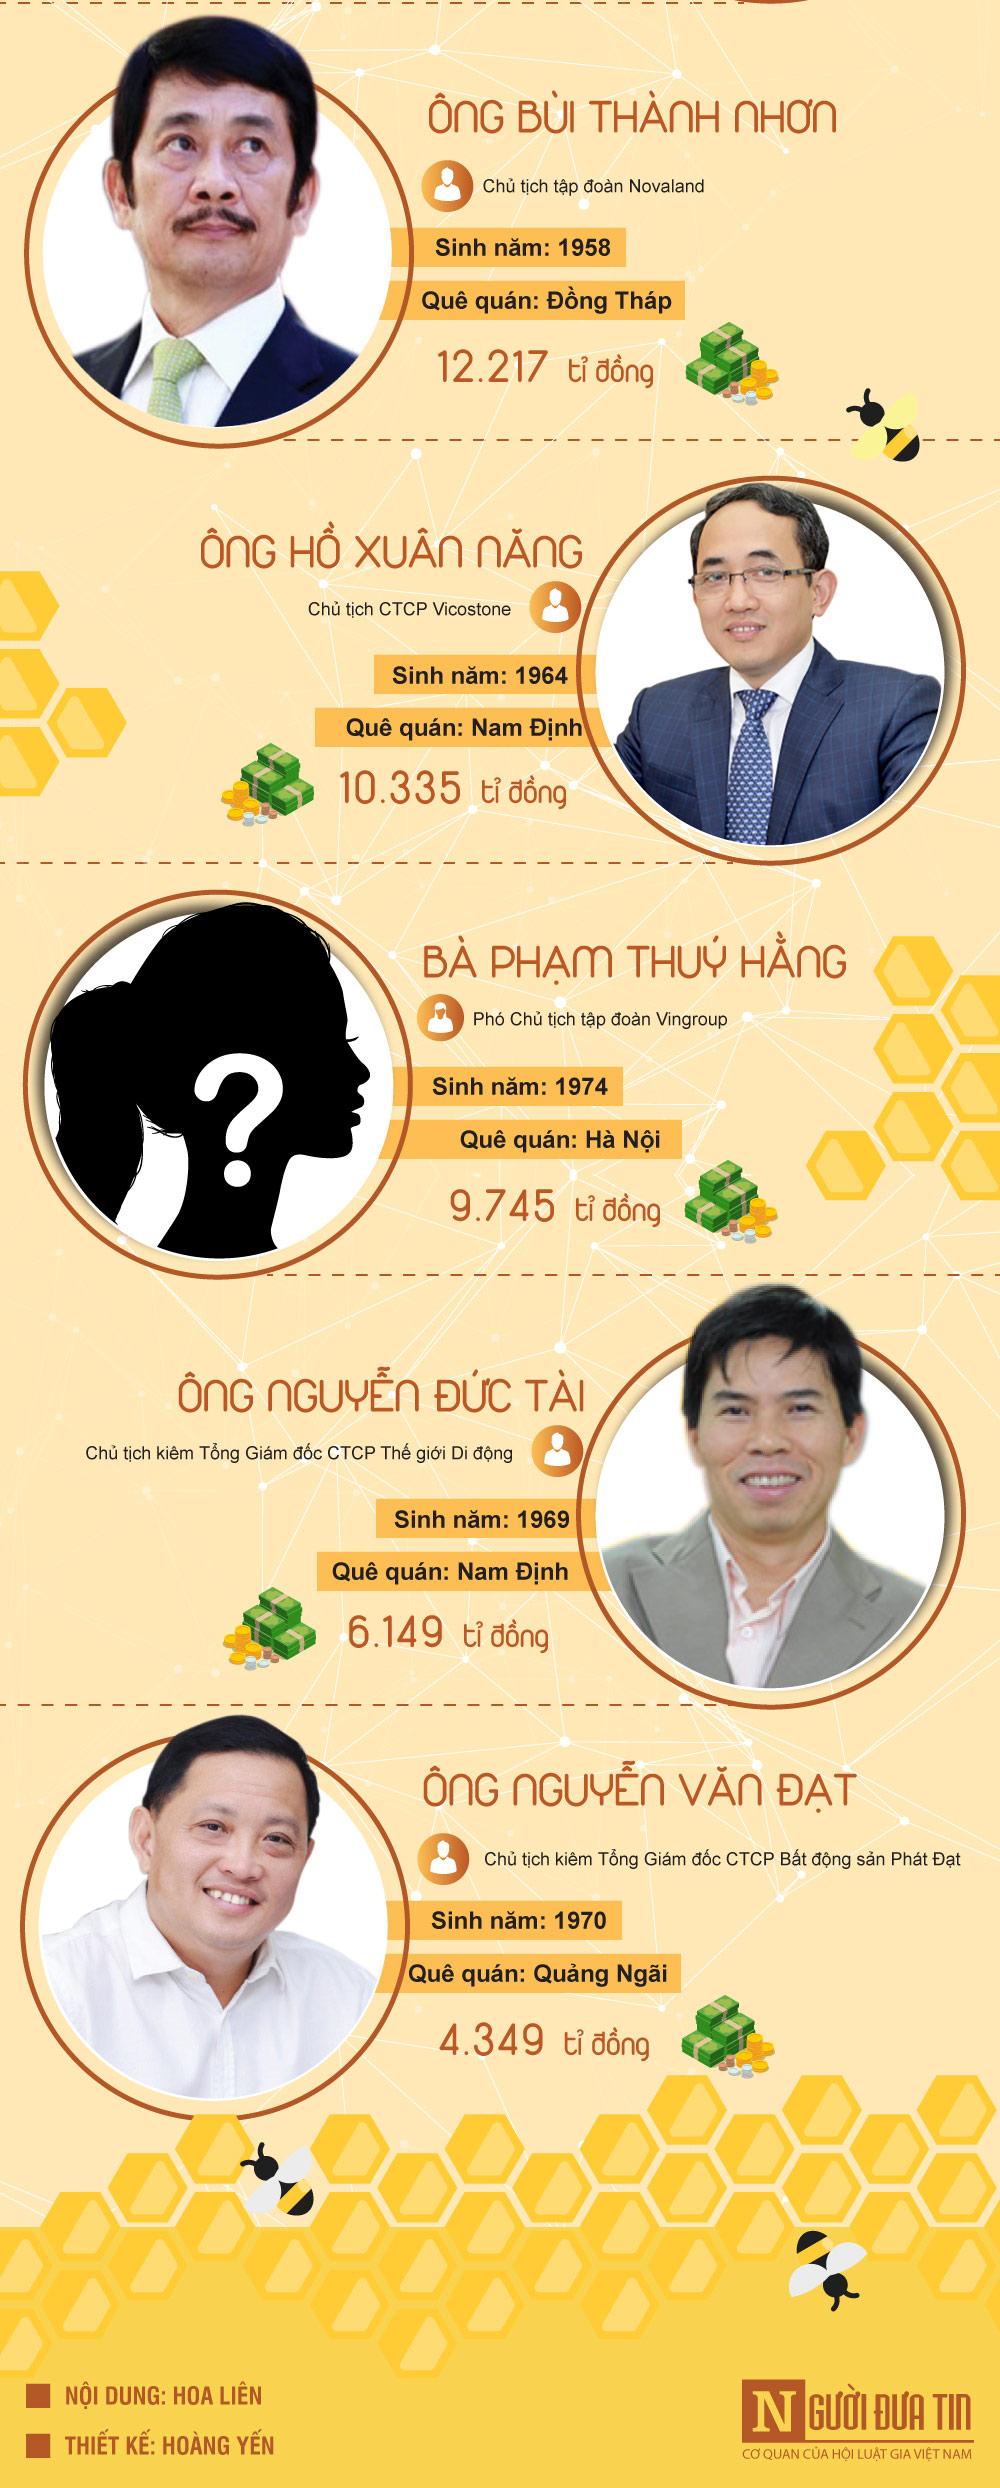 [Infographic] Khối tài sản khủng của 10 doanh nhân giàu nhất Việt Nam - 3